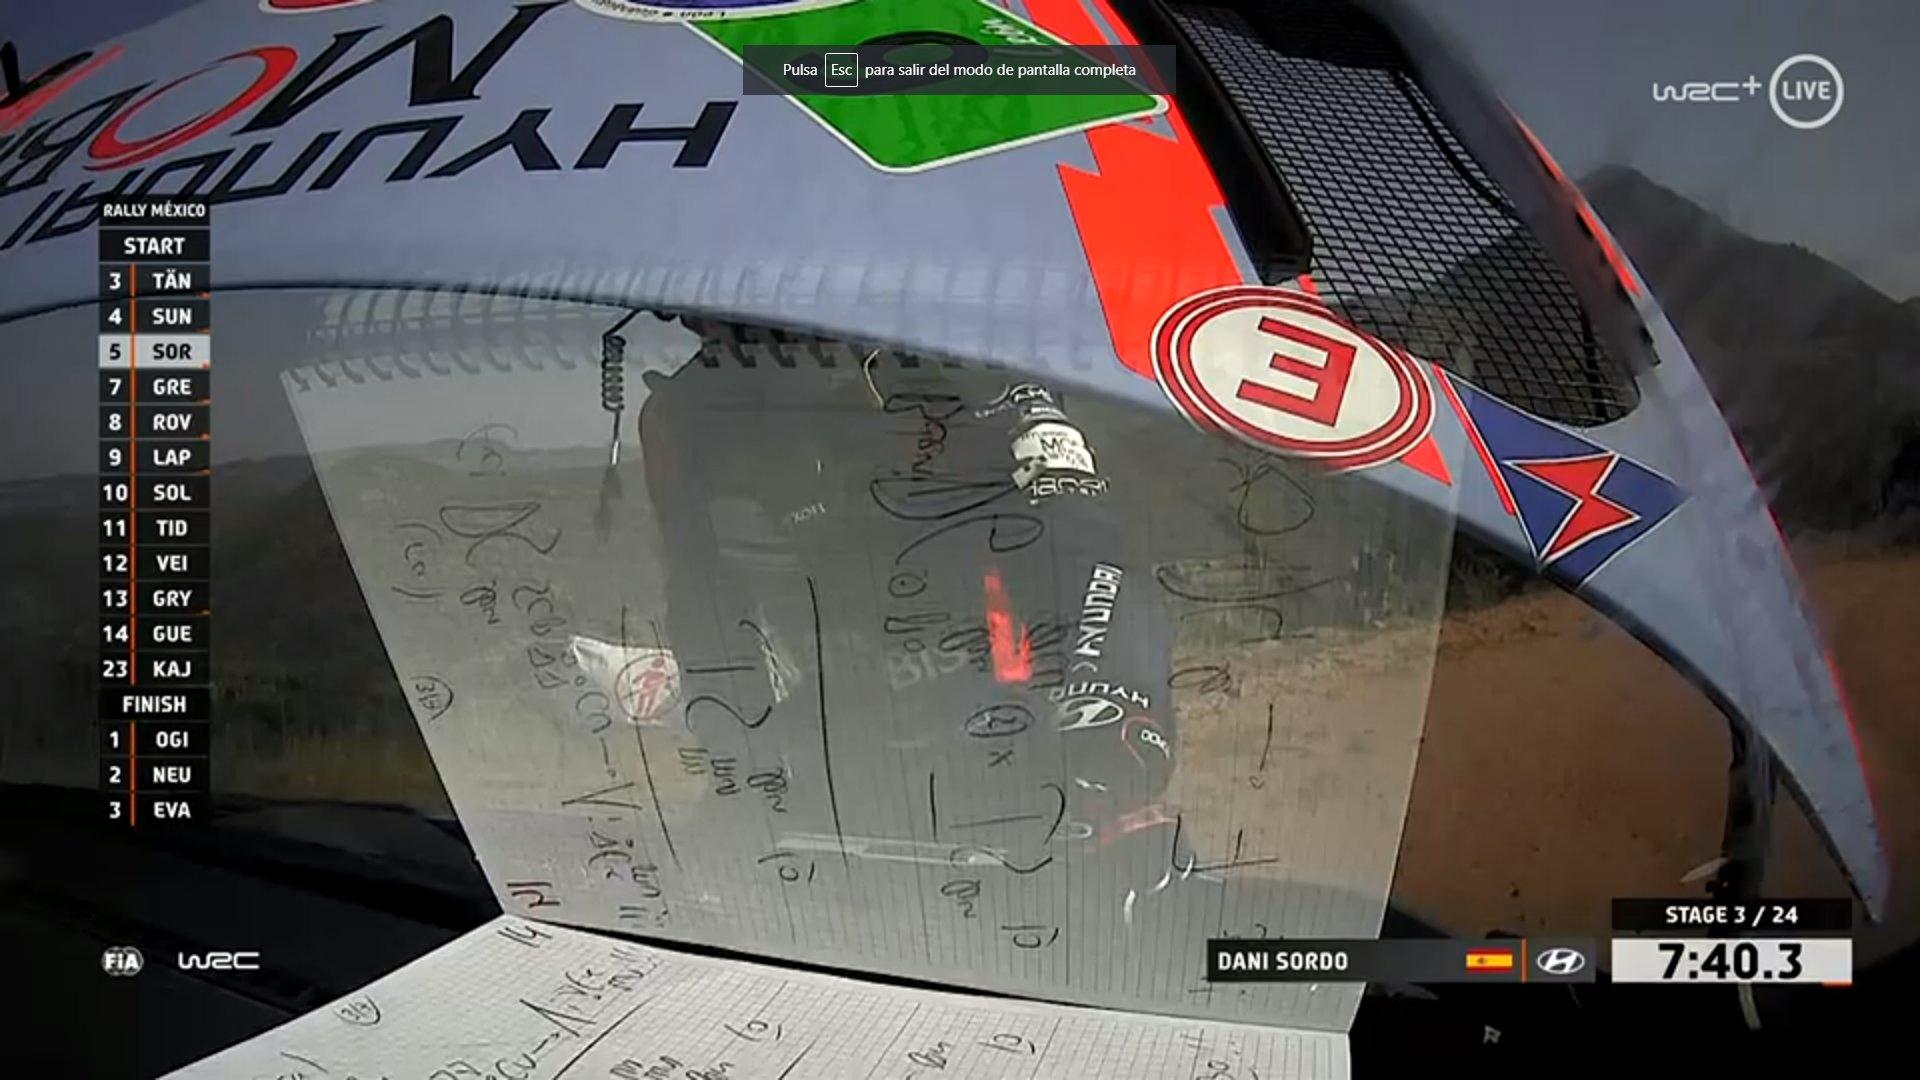 WRC: 17º Rallye Guanajuato Corona - México [12-15 Marzo] - Página 3 ETACdz7XgAAOMWe?format=jpg&name=large